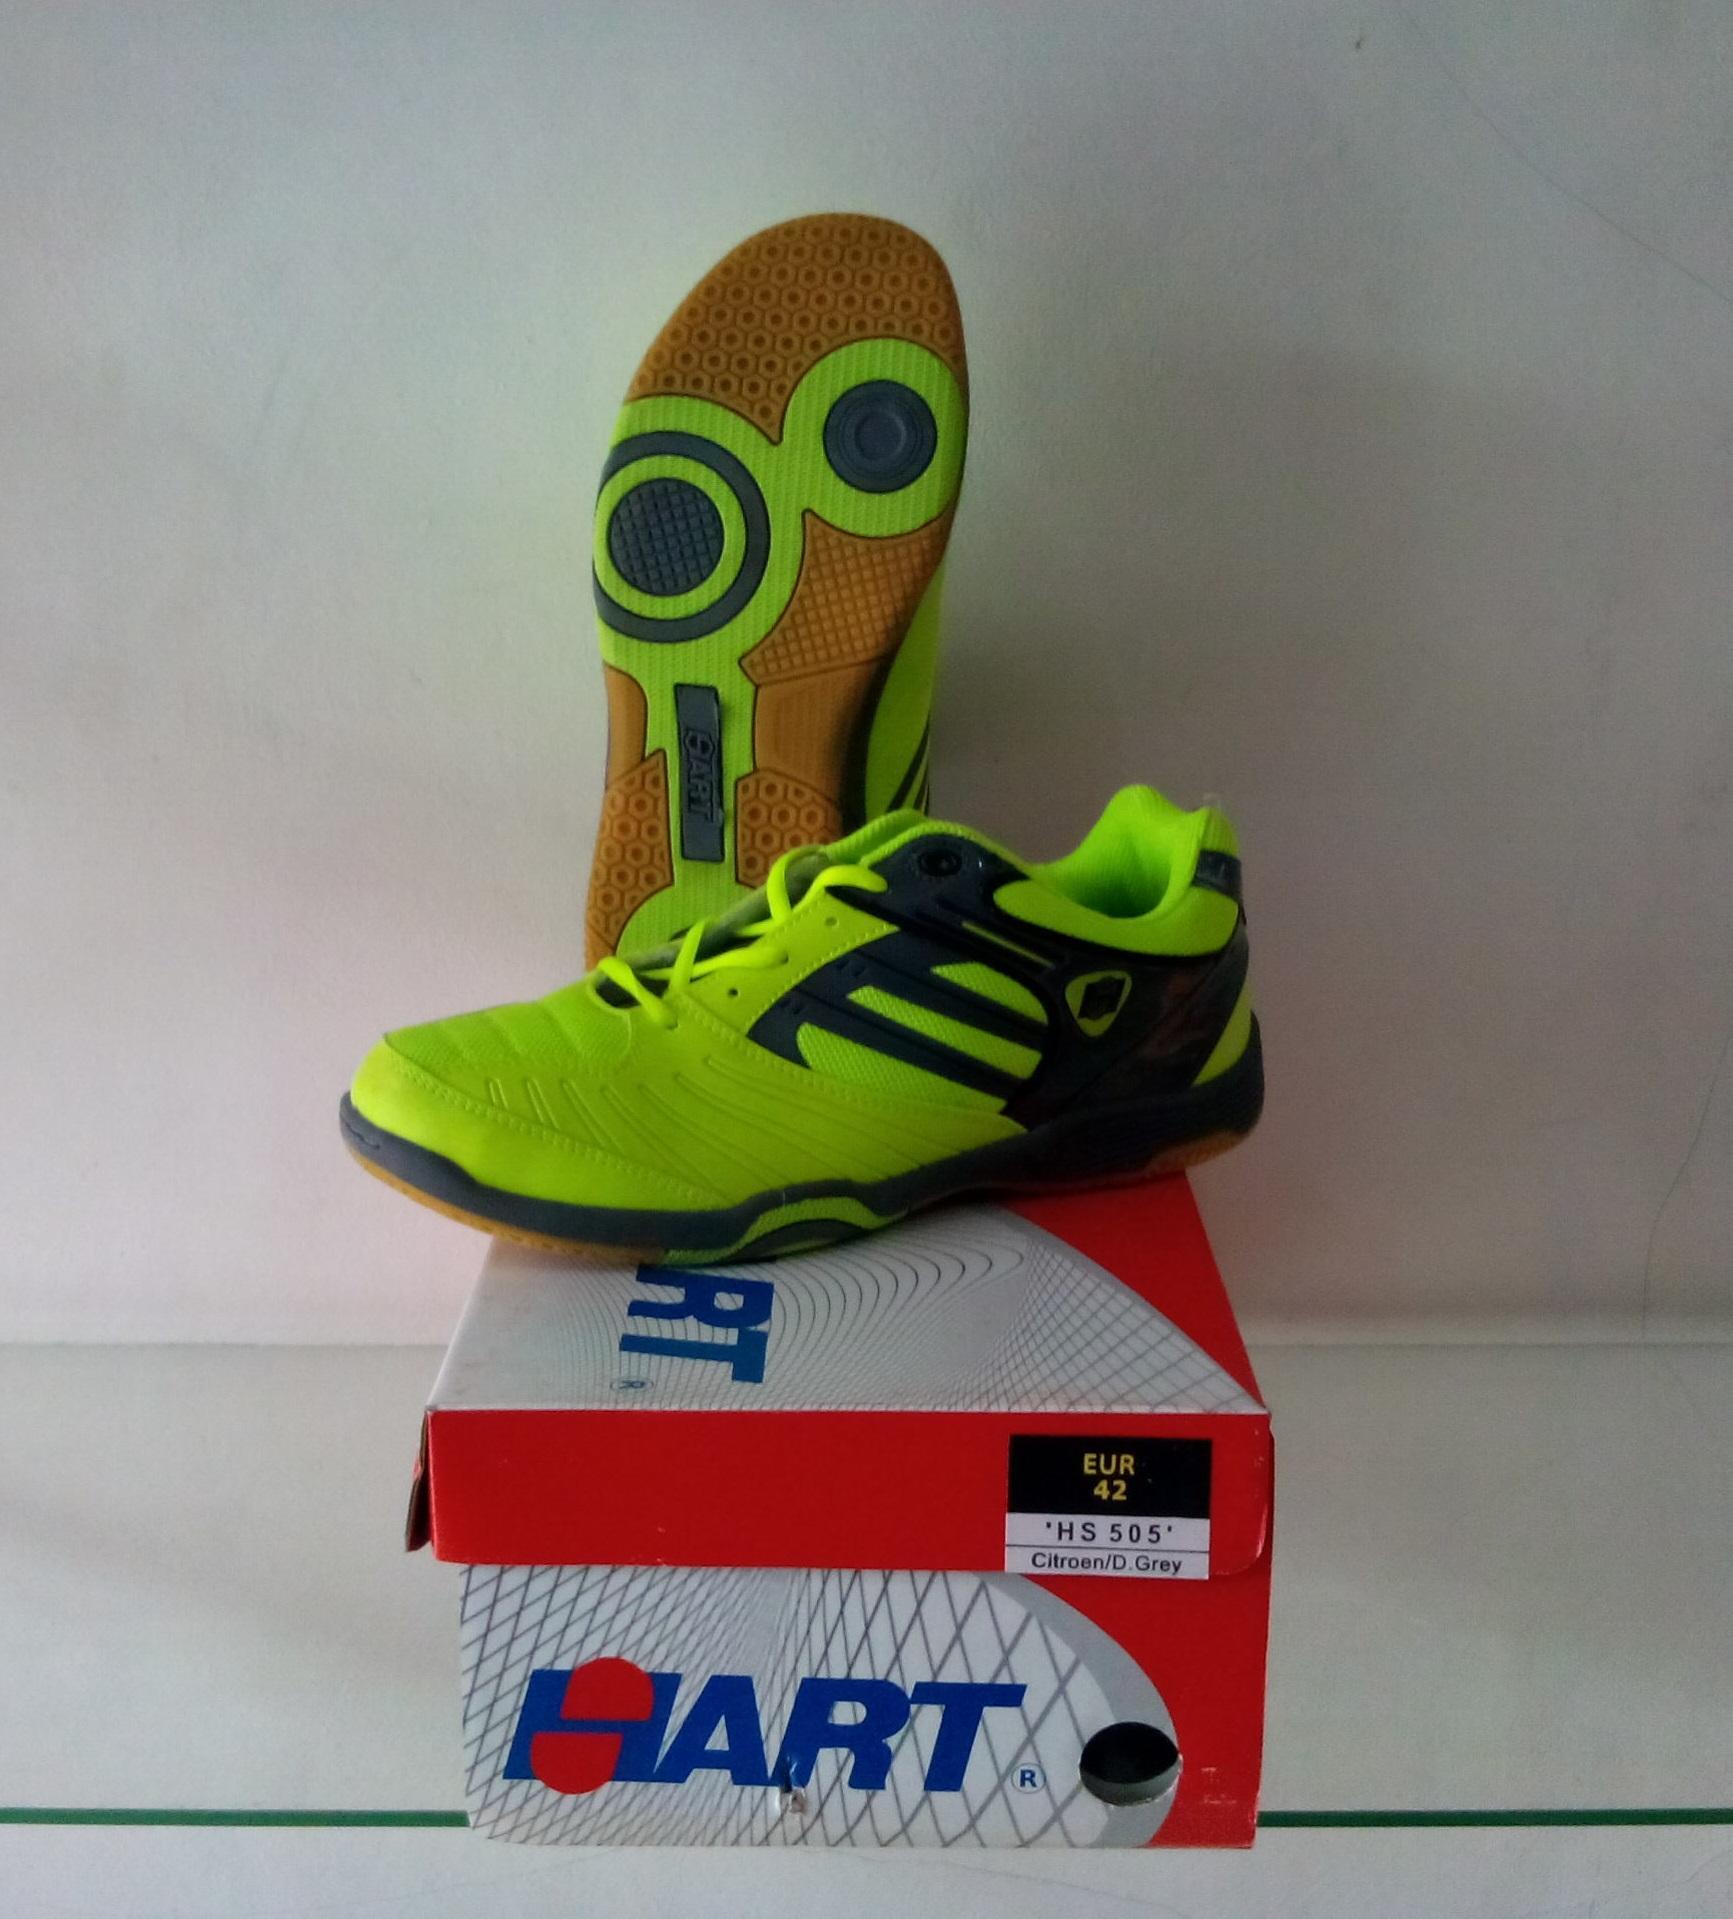 Update Sepatu Running Spotec Kinetic Dan Harga Lengkap Info Harga Source ·  SEPATU BADMINTON HART Type HS 505 CITROEN GREY 7255caa9dc